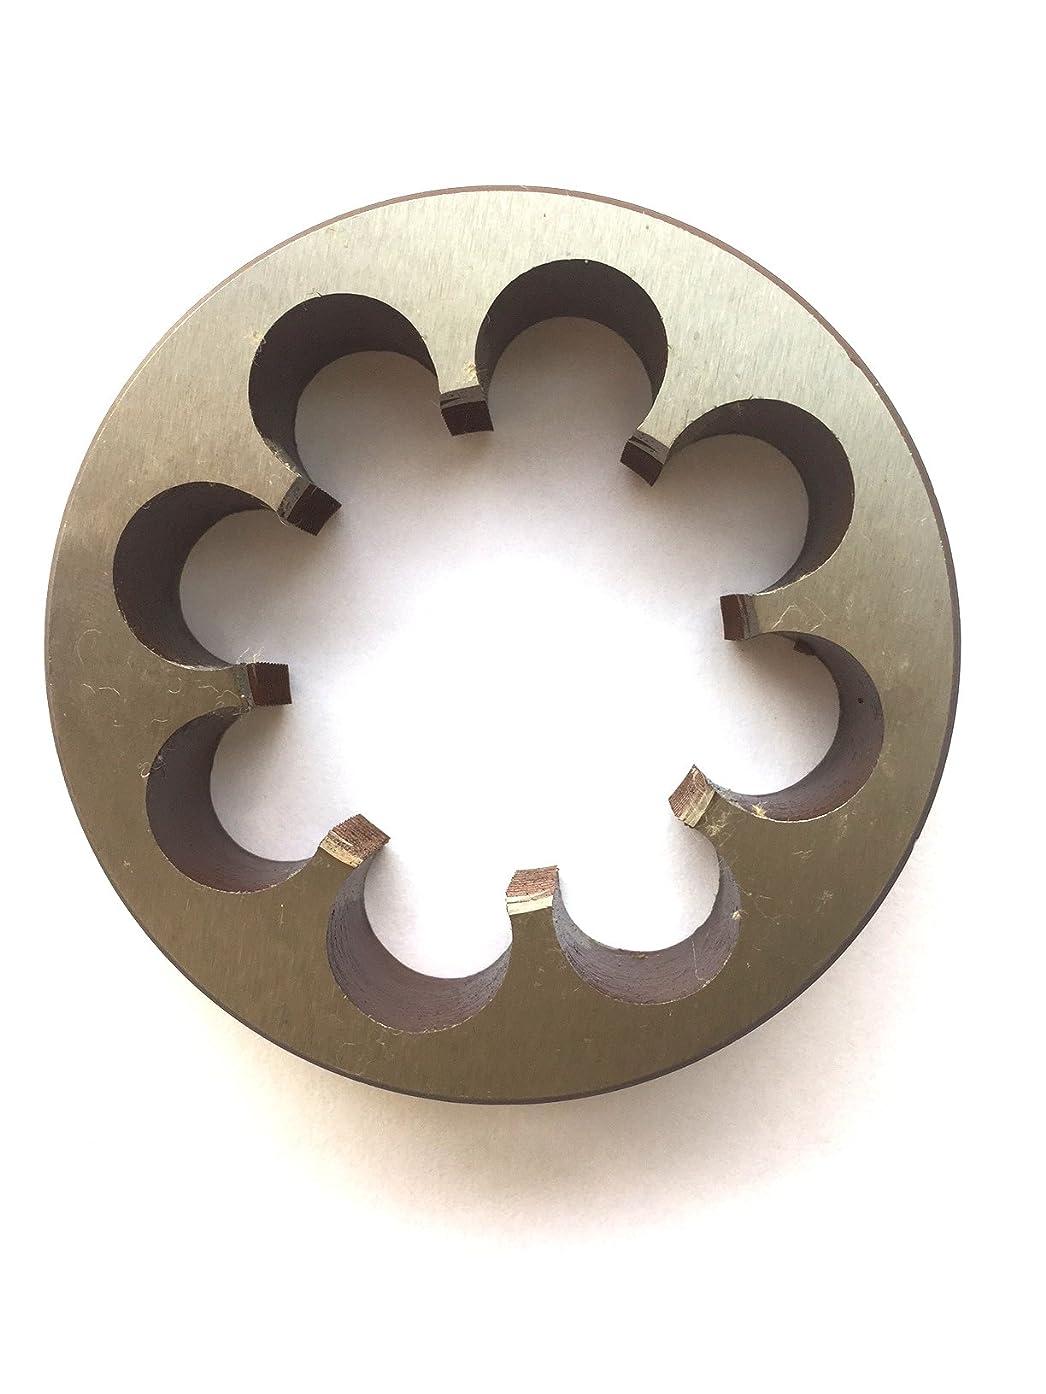 保存等結婚するRG 合金工具鋼 丸ダイス 外径 M27x1.5 右ねじ用 (送料無料)